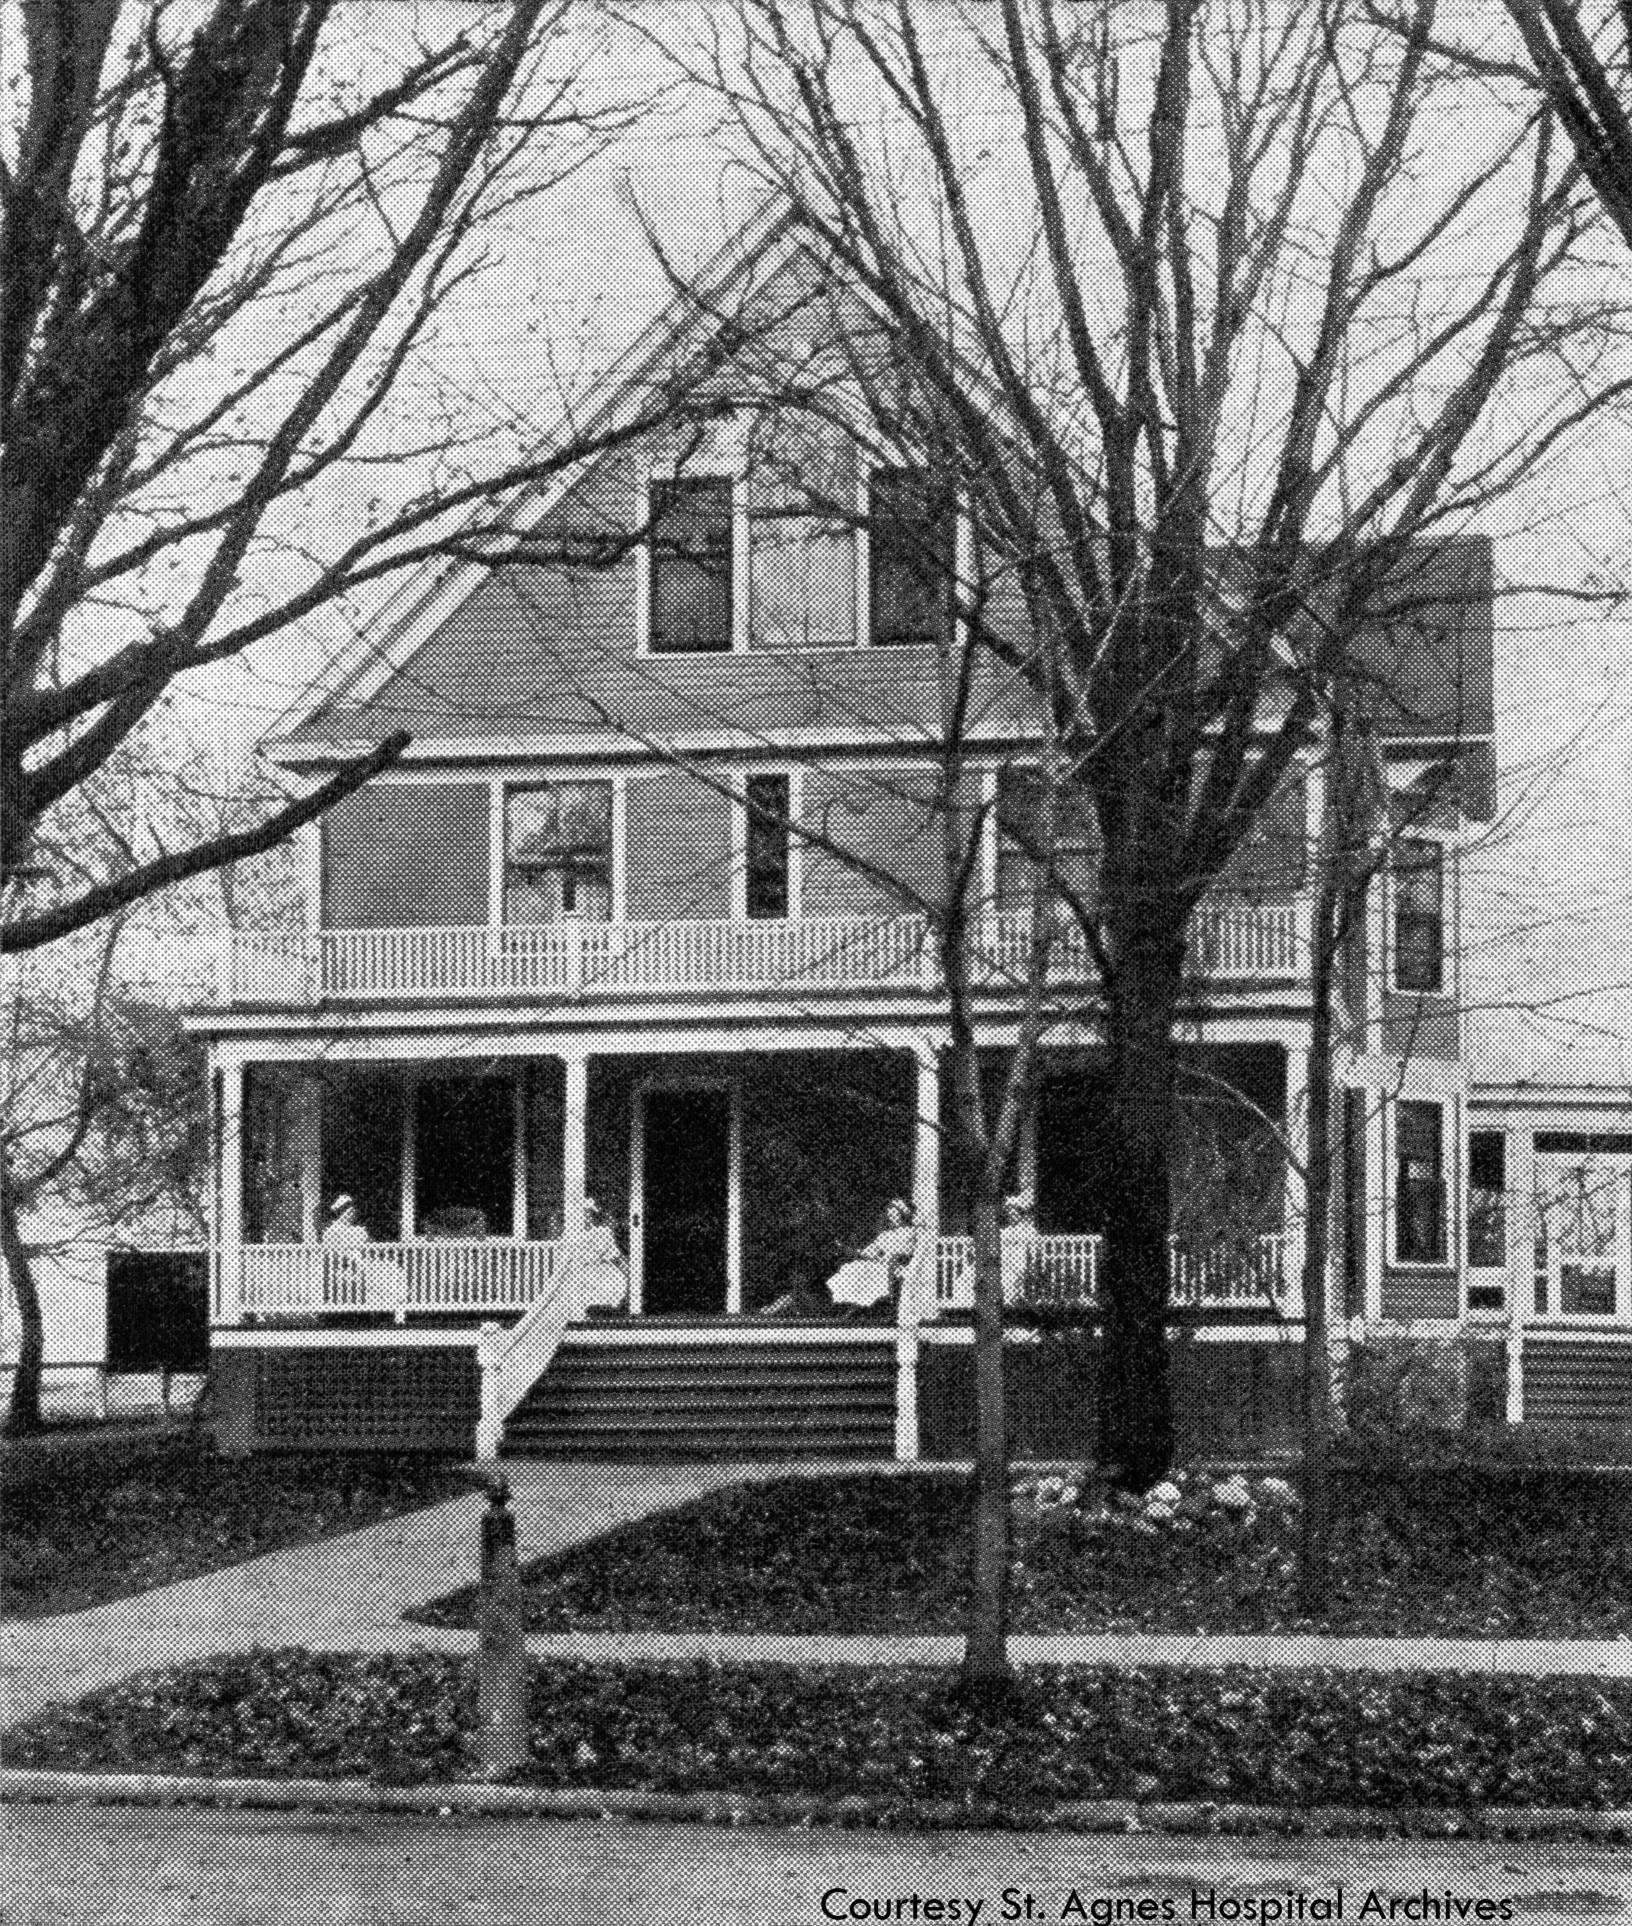 Student nurses' residence, c. 1925.